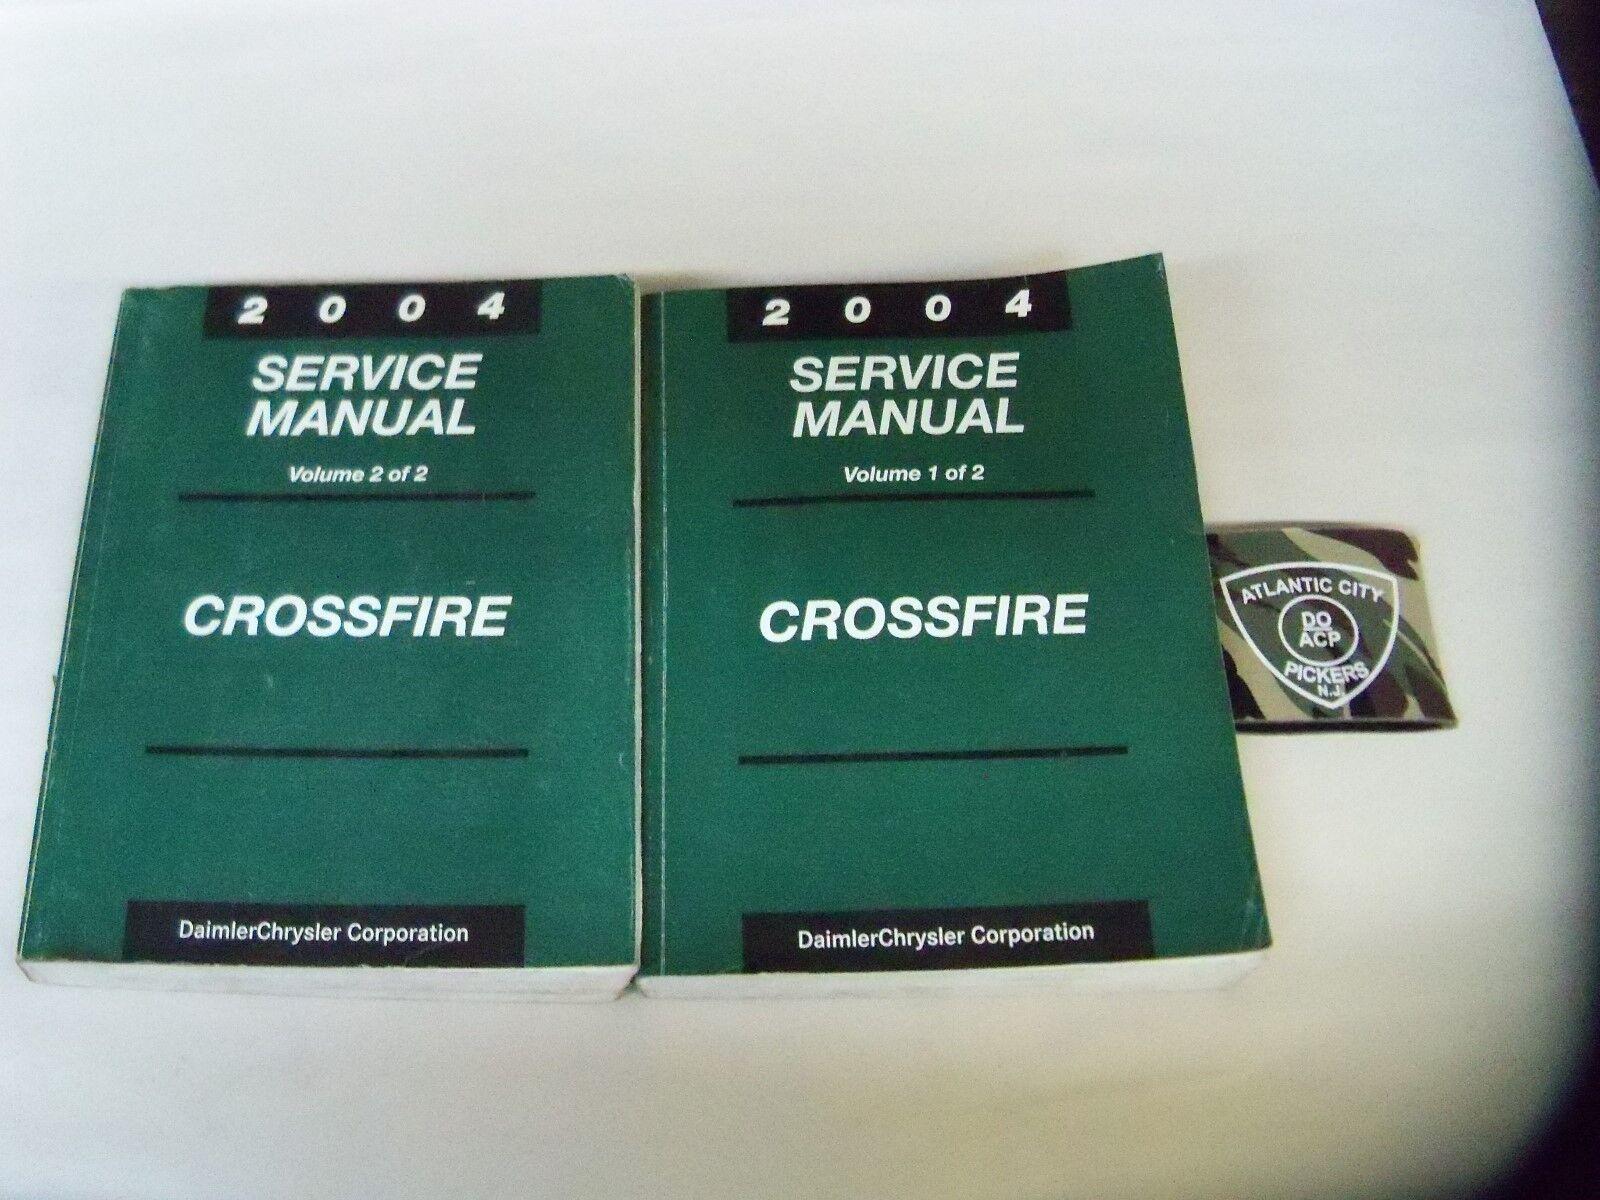 2004 chrysler crossfire service shop repair manual 2 vol set rh fan across top 2004 chrysler crossfire service manual Chrysler Crossfire Service Manual